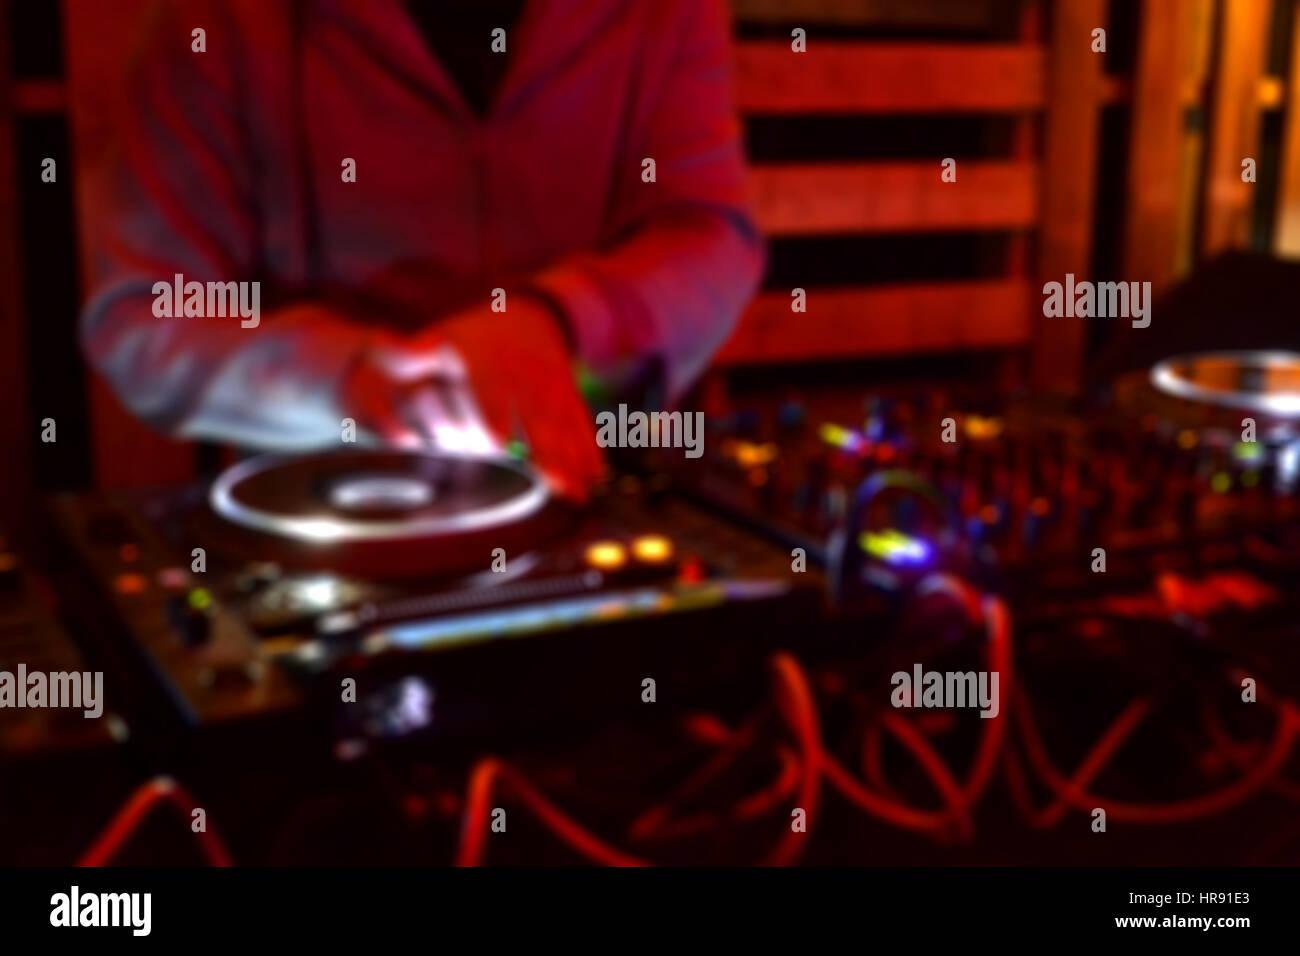 Sfocare lo sfondo di un DJ di riproduzione di musica in un partito Immagini Stock